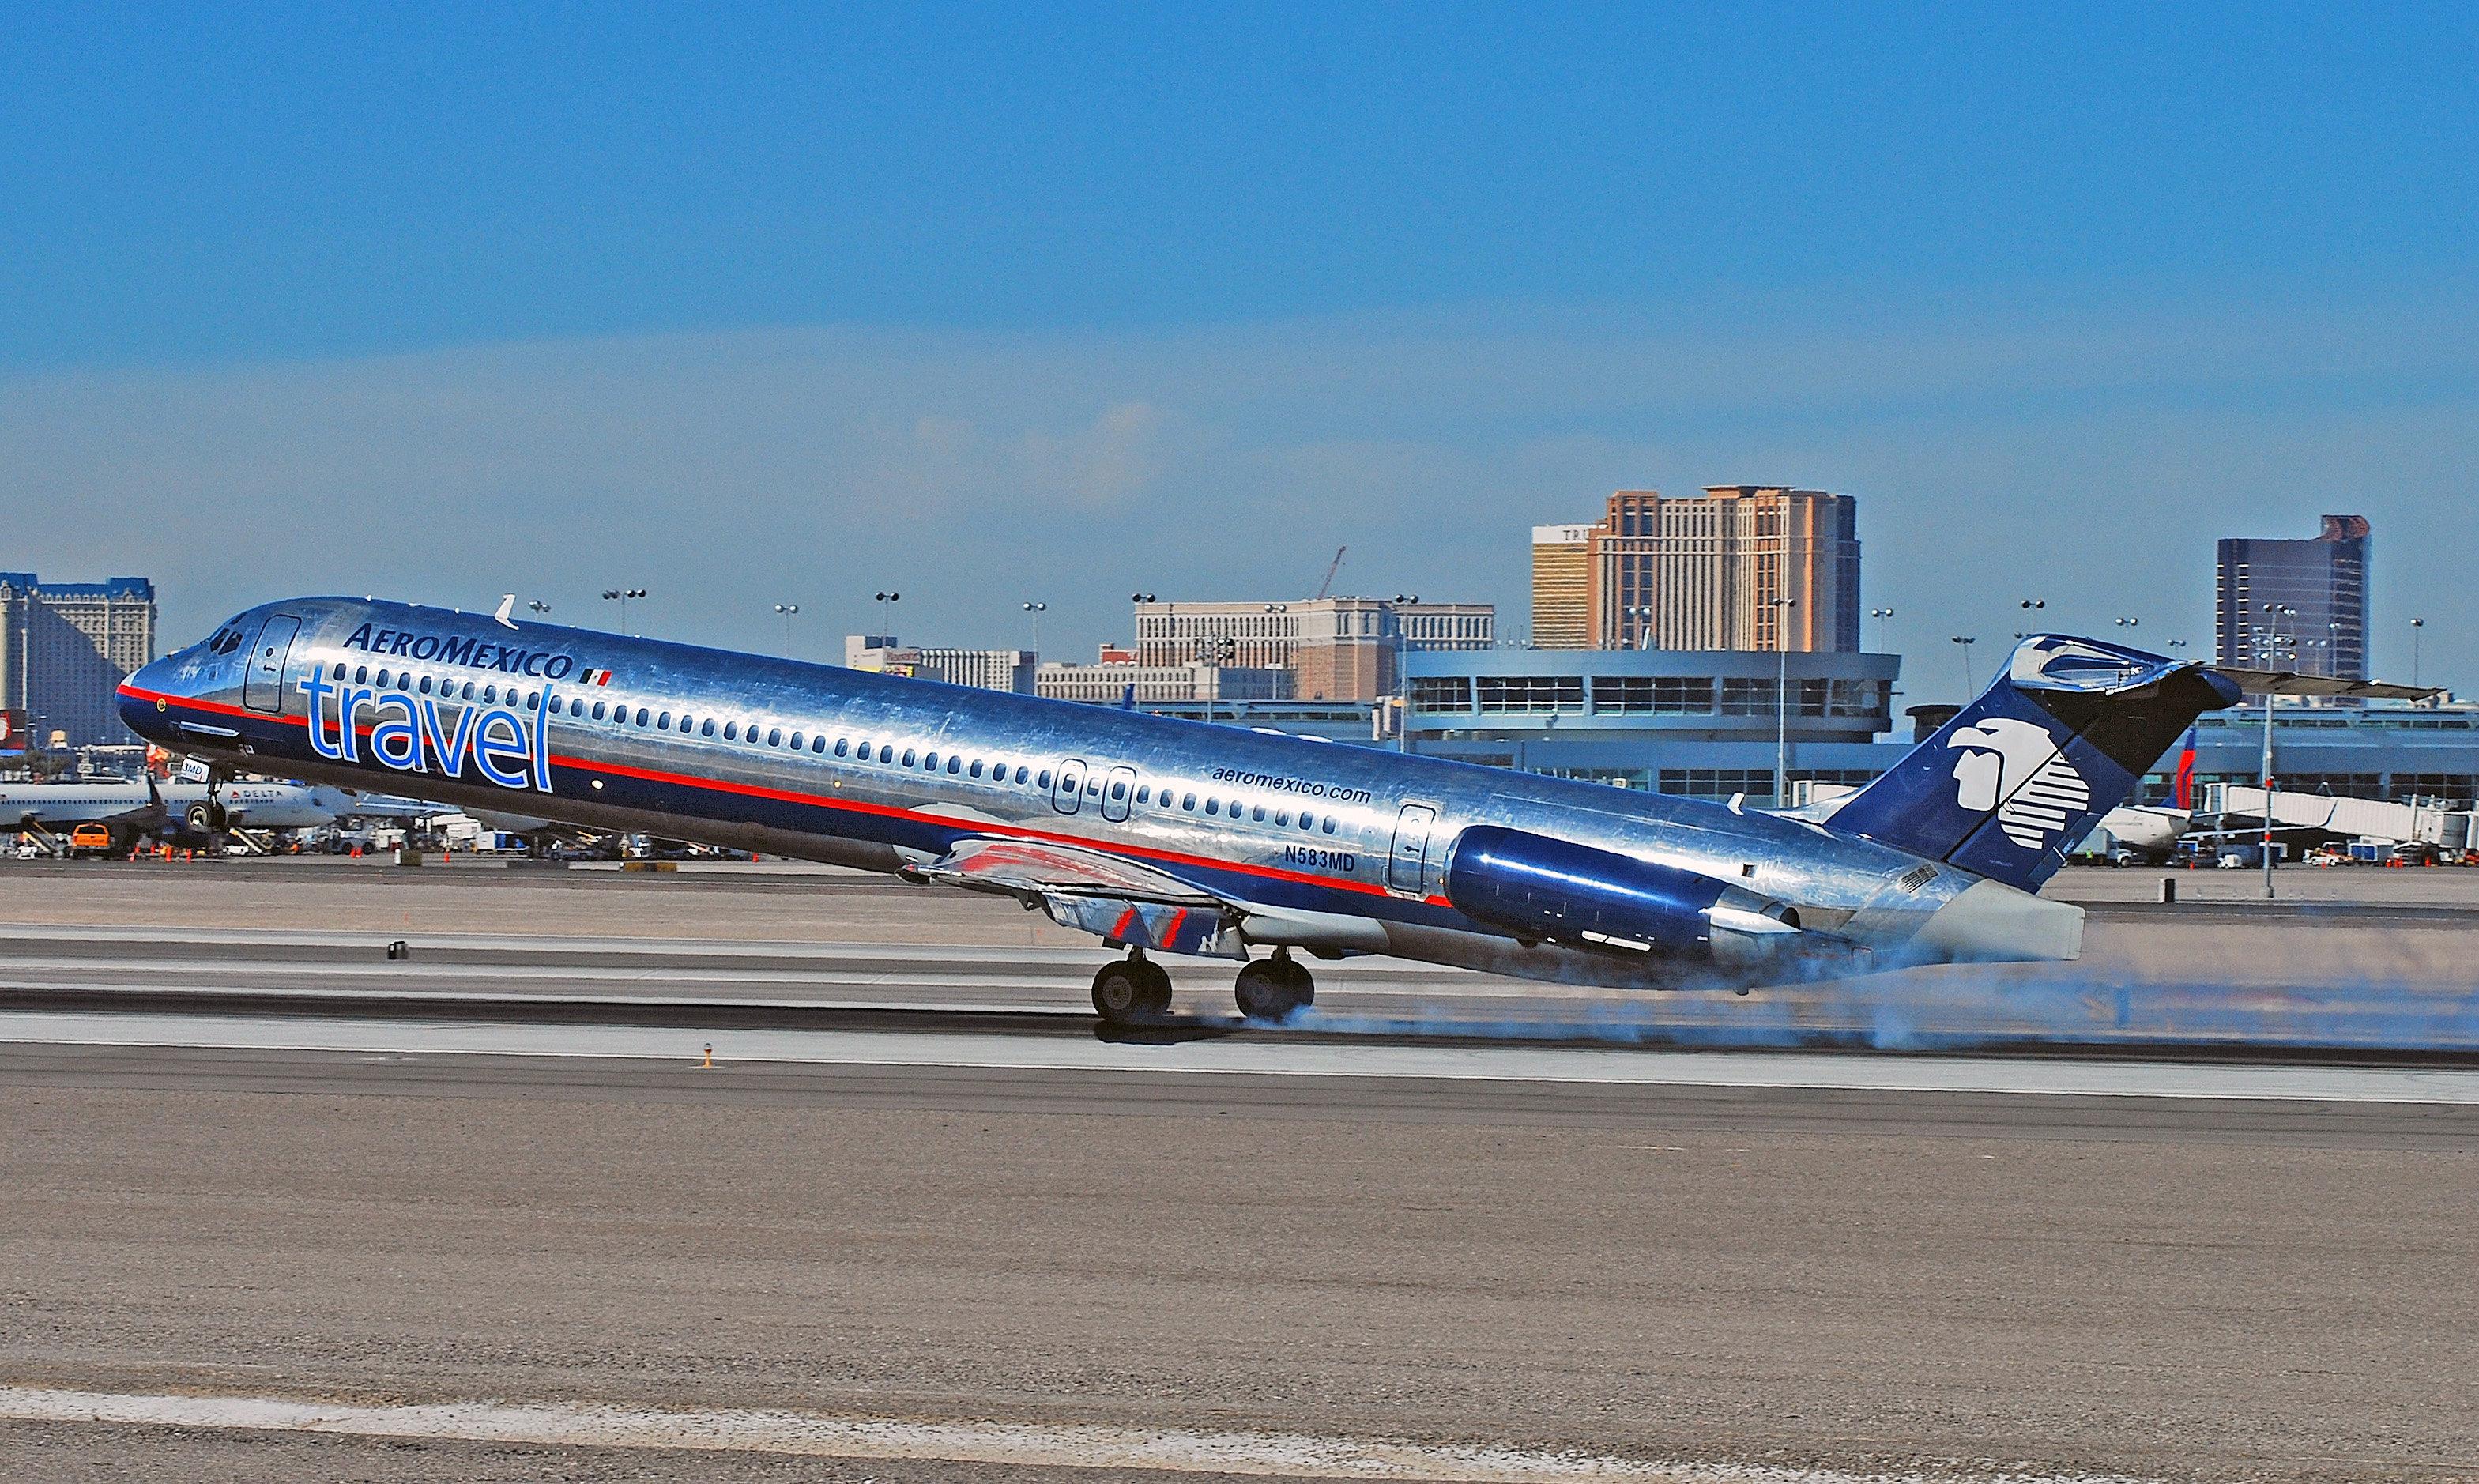 Un DC-9 d'Aeromexico